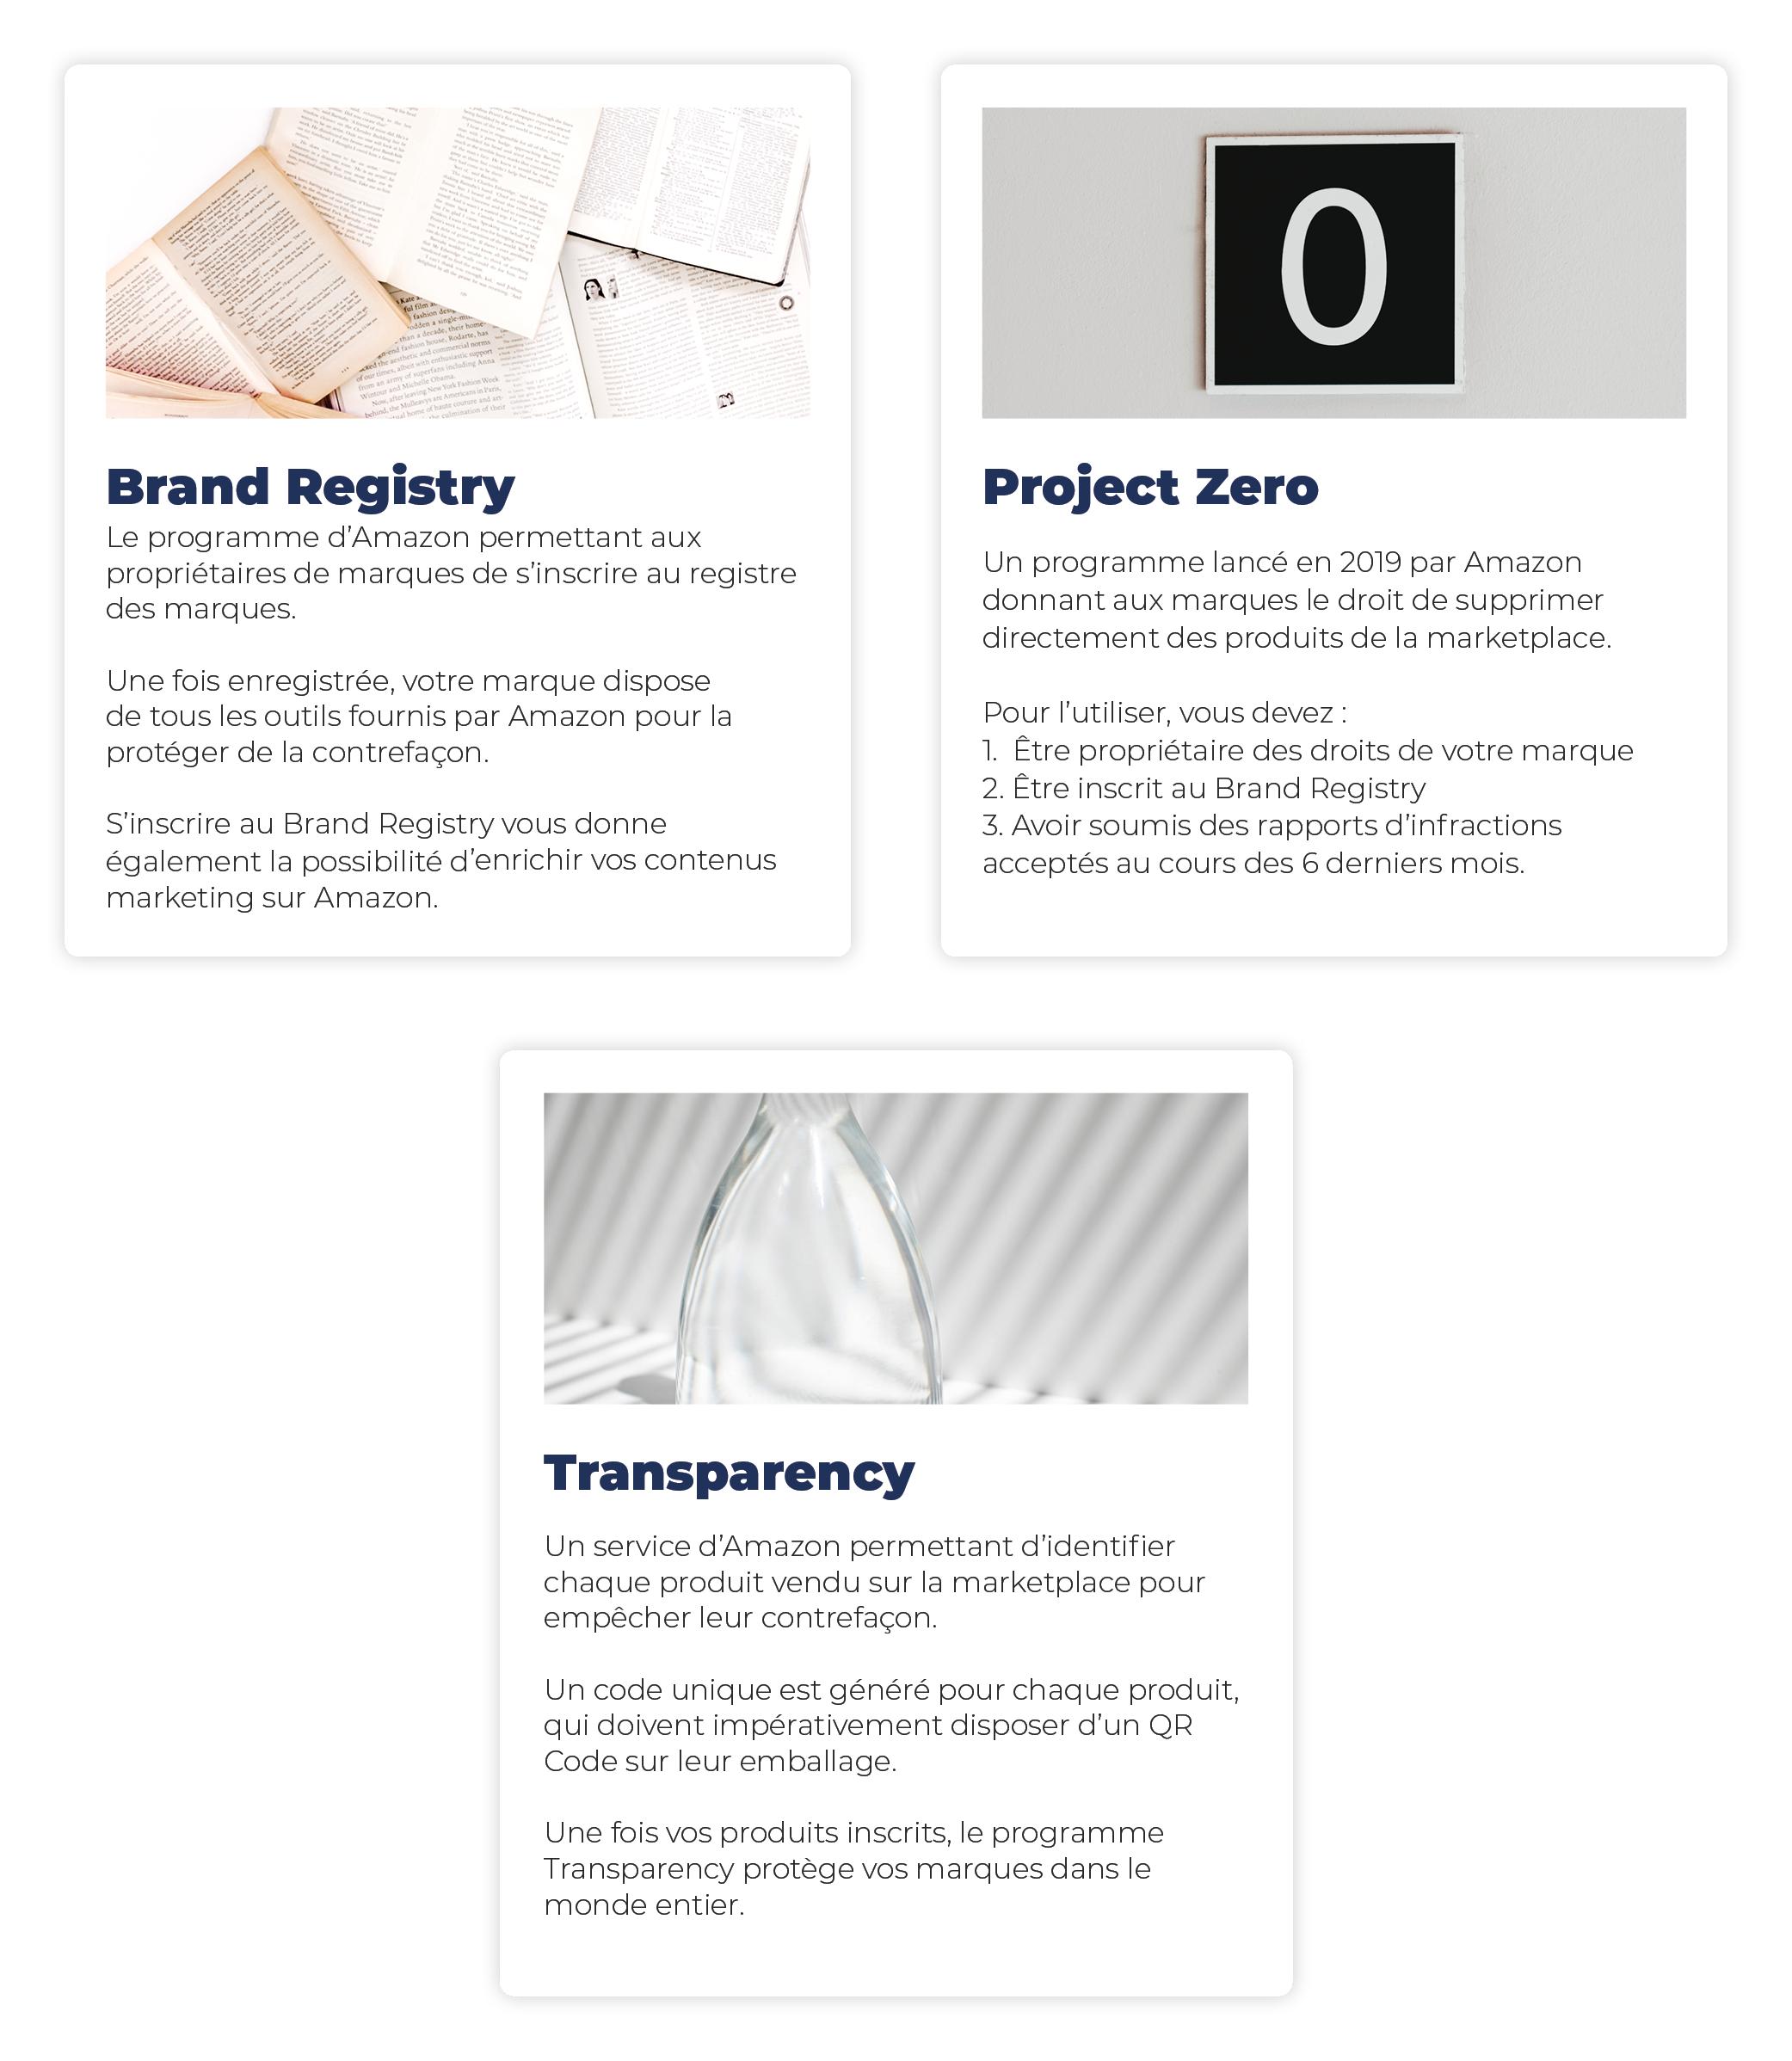 Flash Cards des termes principaux de l'article sur comment protéger ses marques sur Amazon